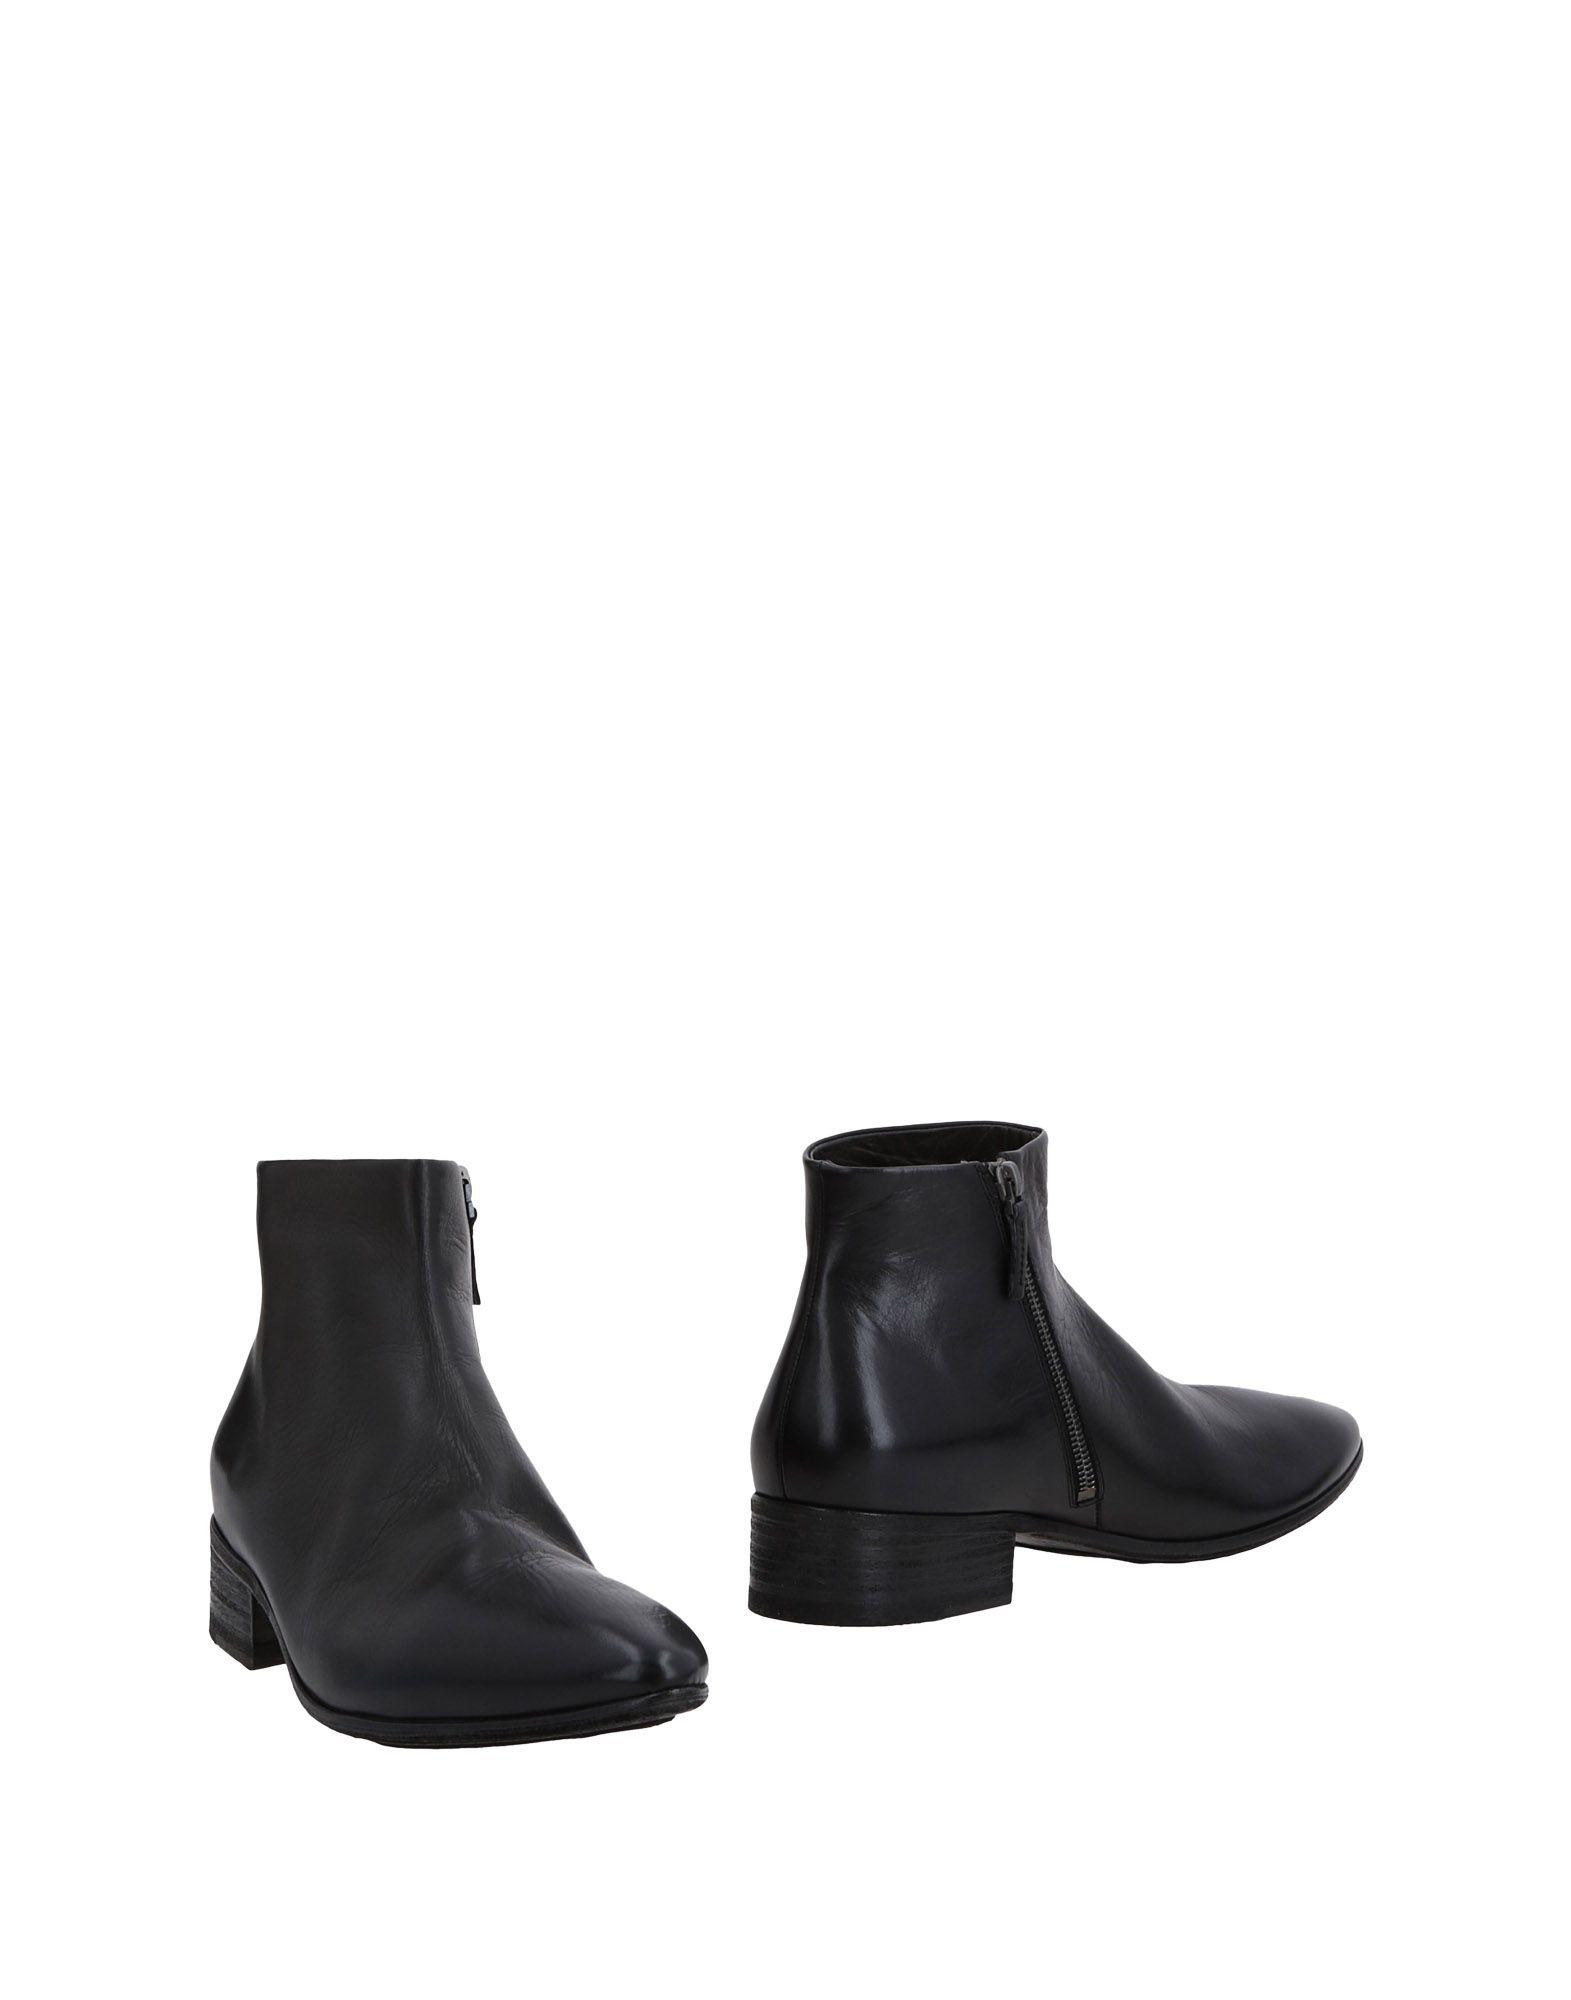 Marsèll Stiefelette Herren  11480049XP Gute Qualität beliebte Schuhe